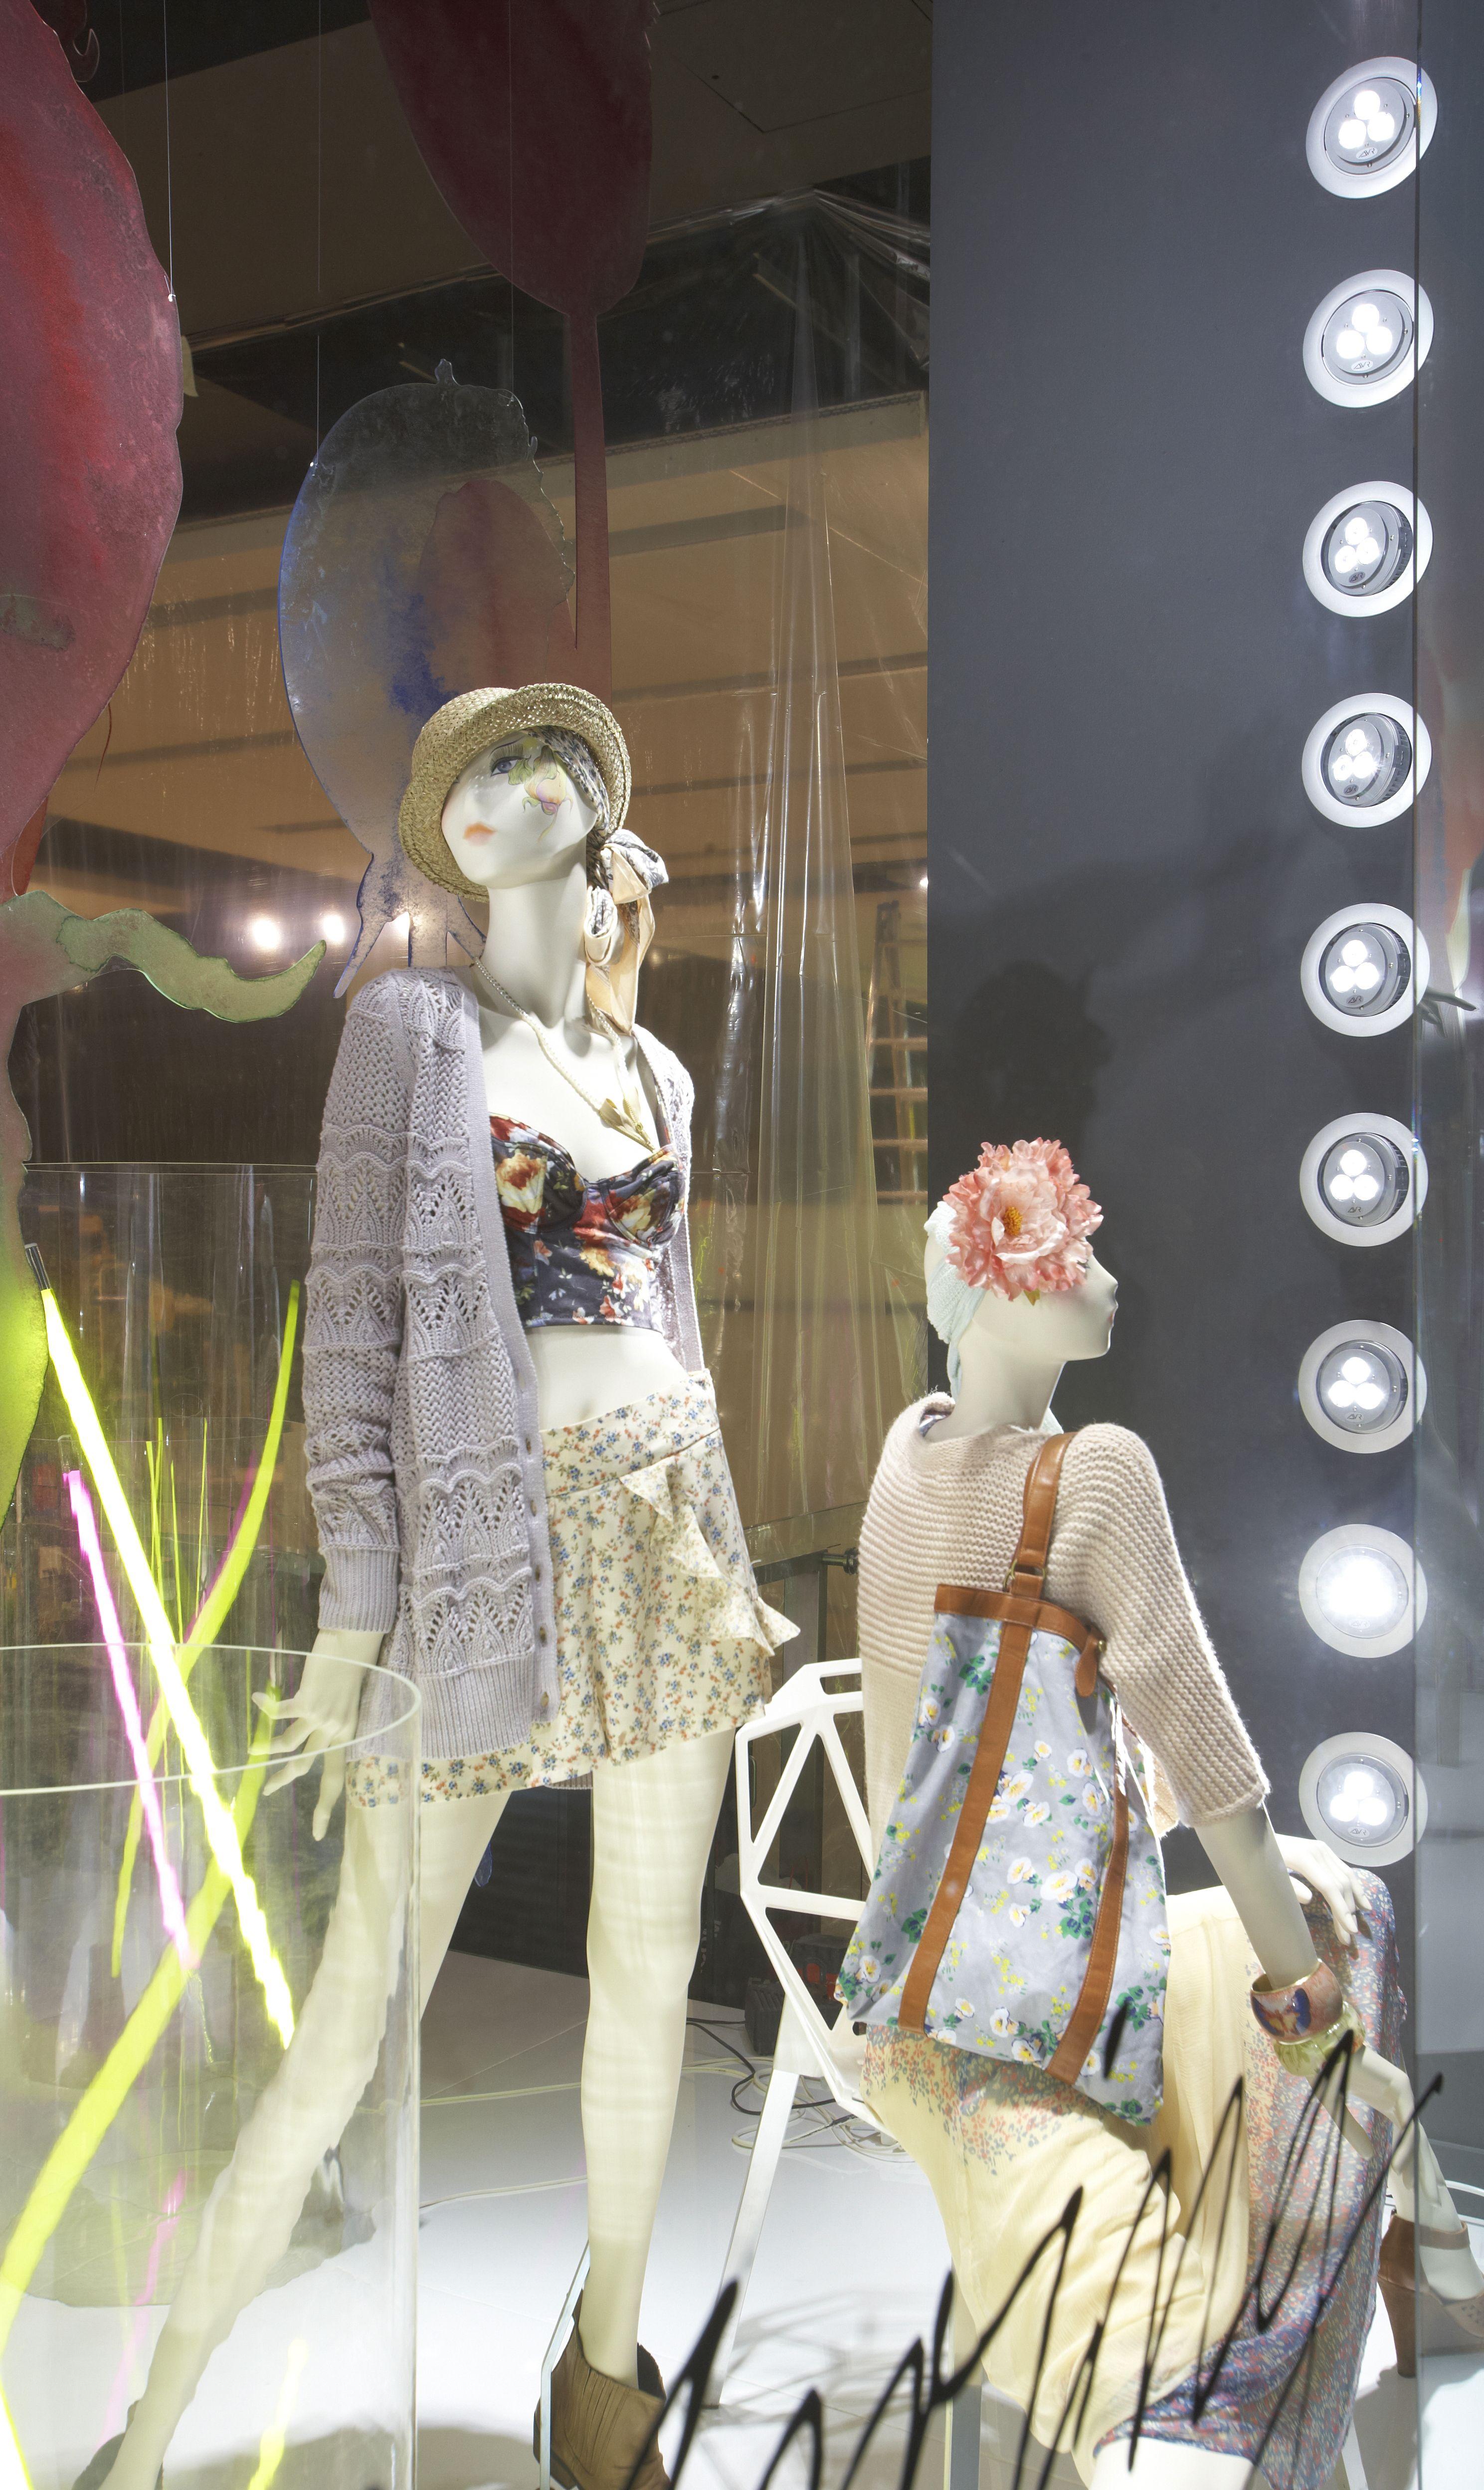 led lighting in topshop display windows led light lighting white